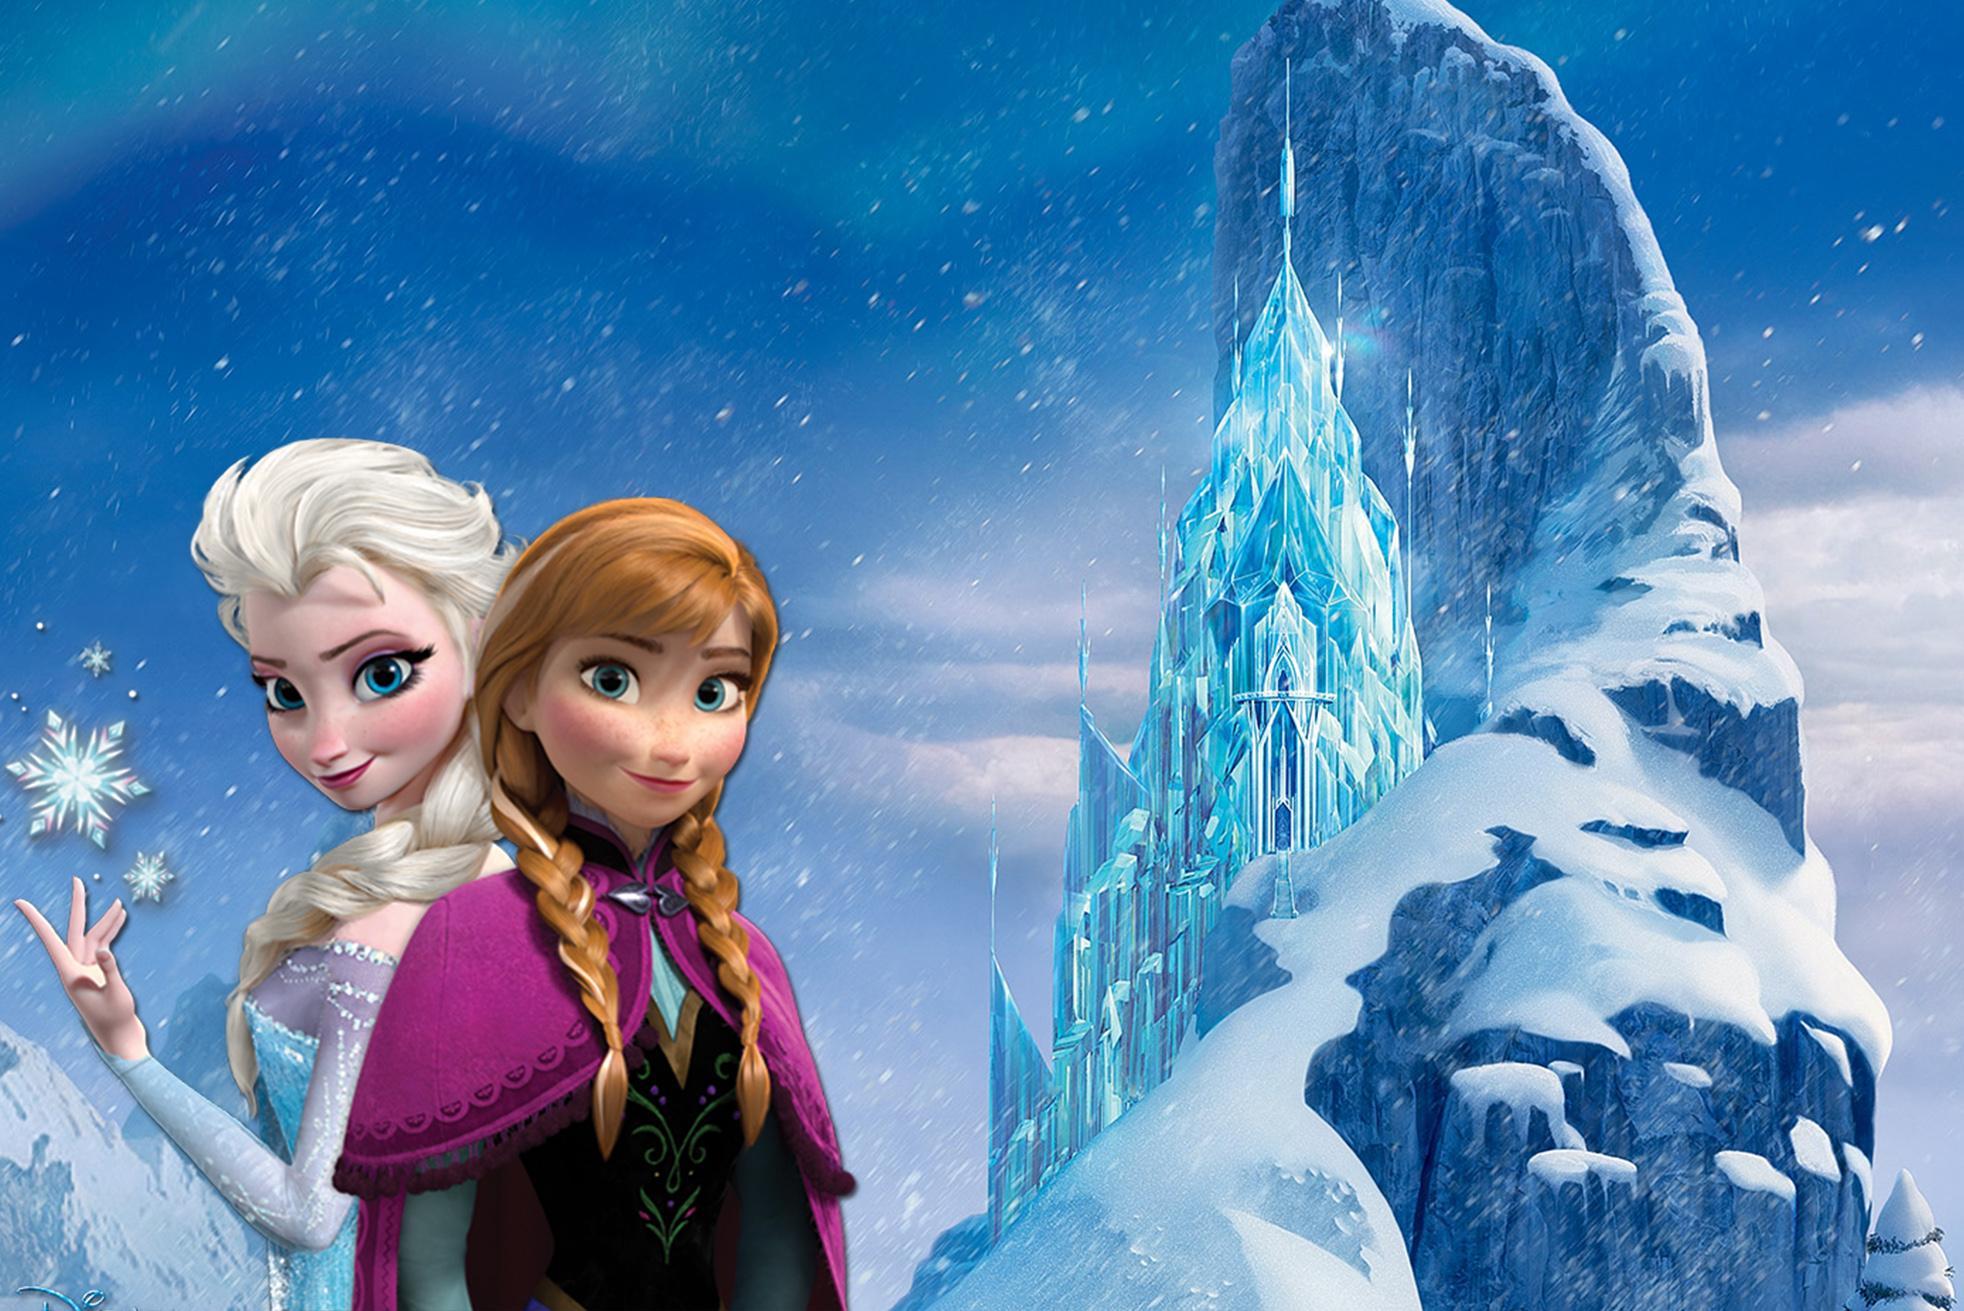 Imagens Frozen Uma Aventura Congelante Delightful kit completo frozen disney - uma aventura congelante!